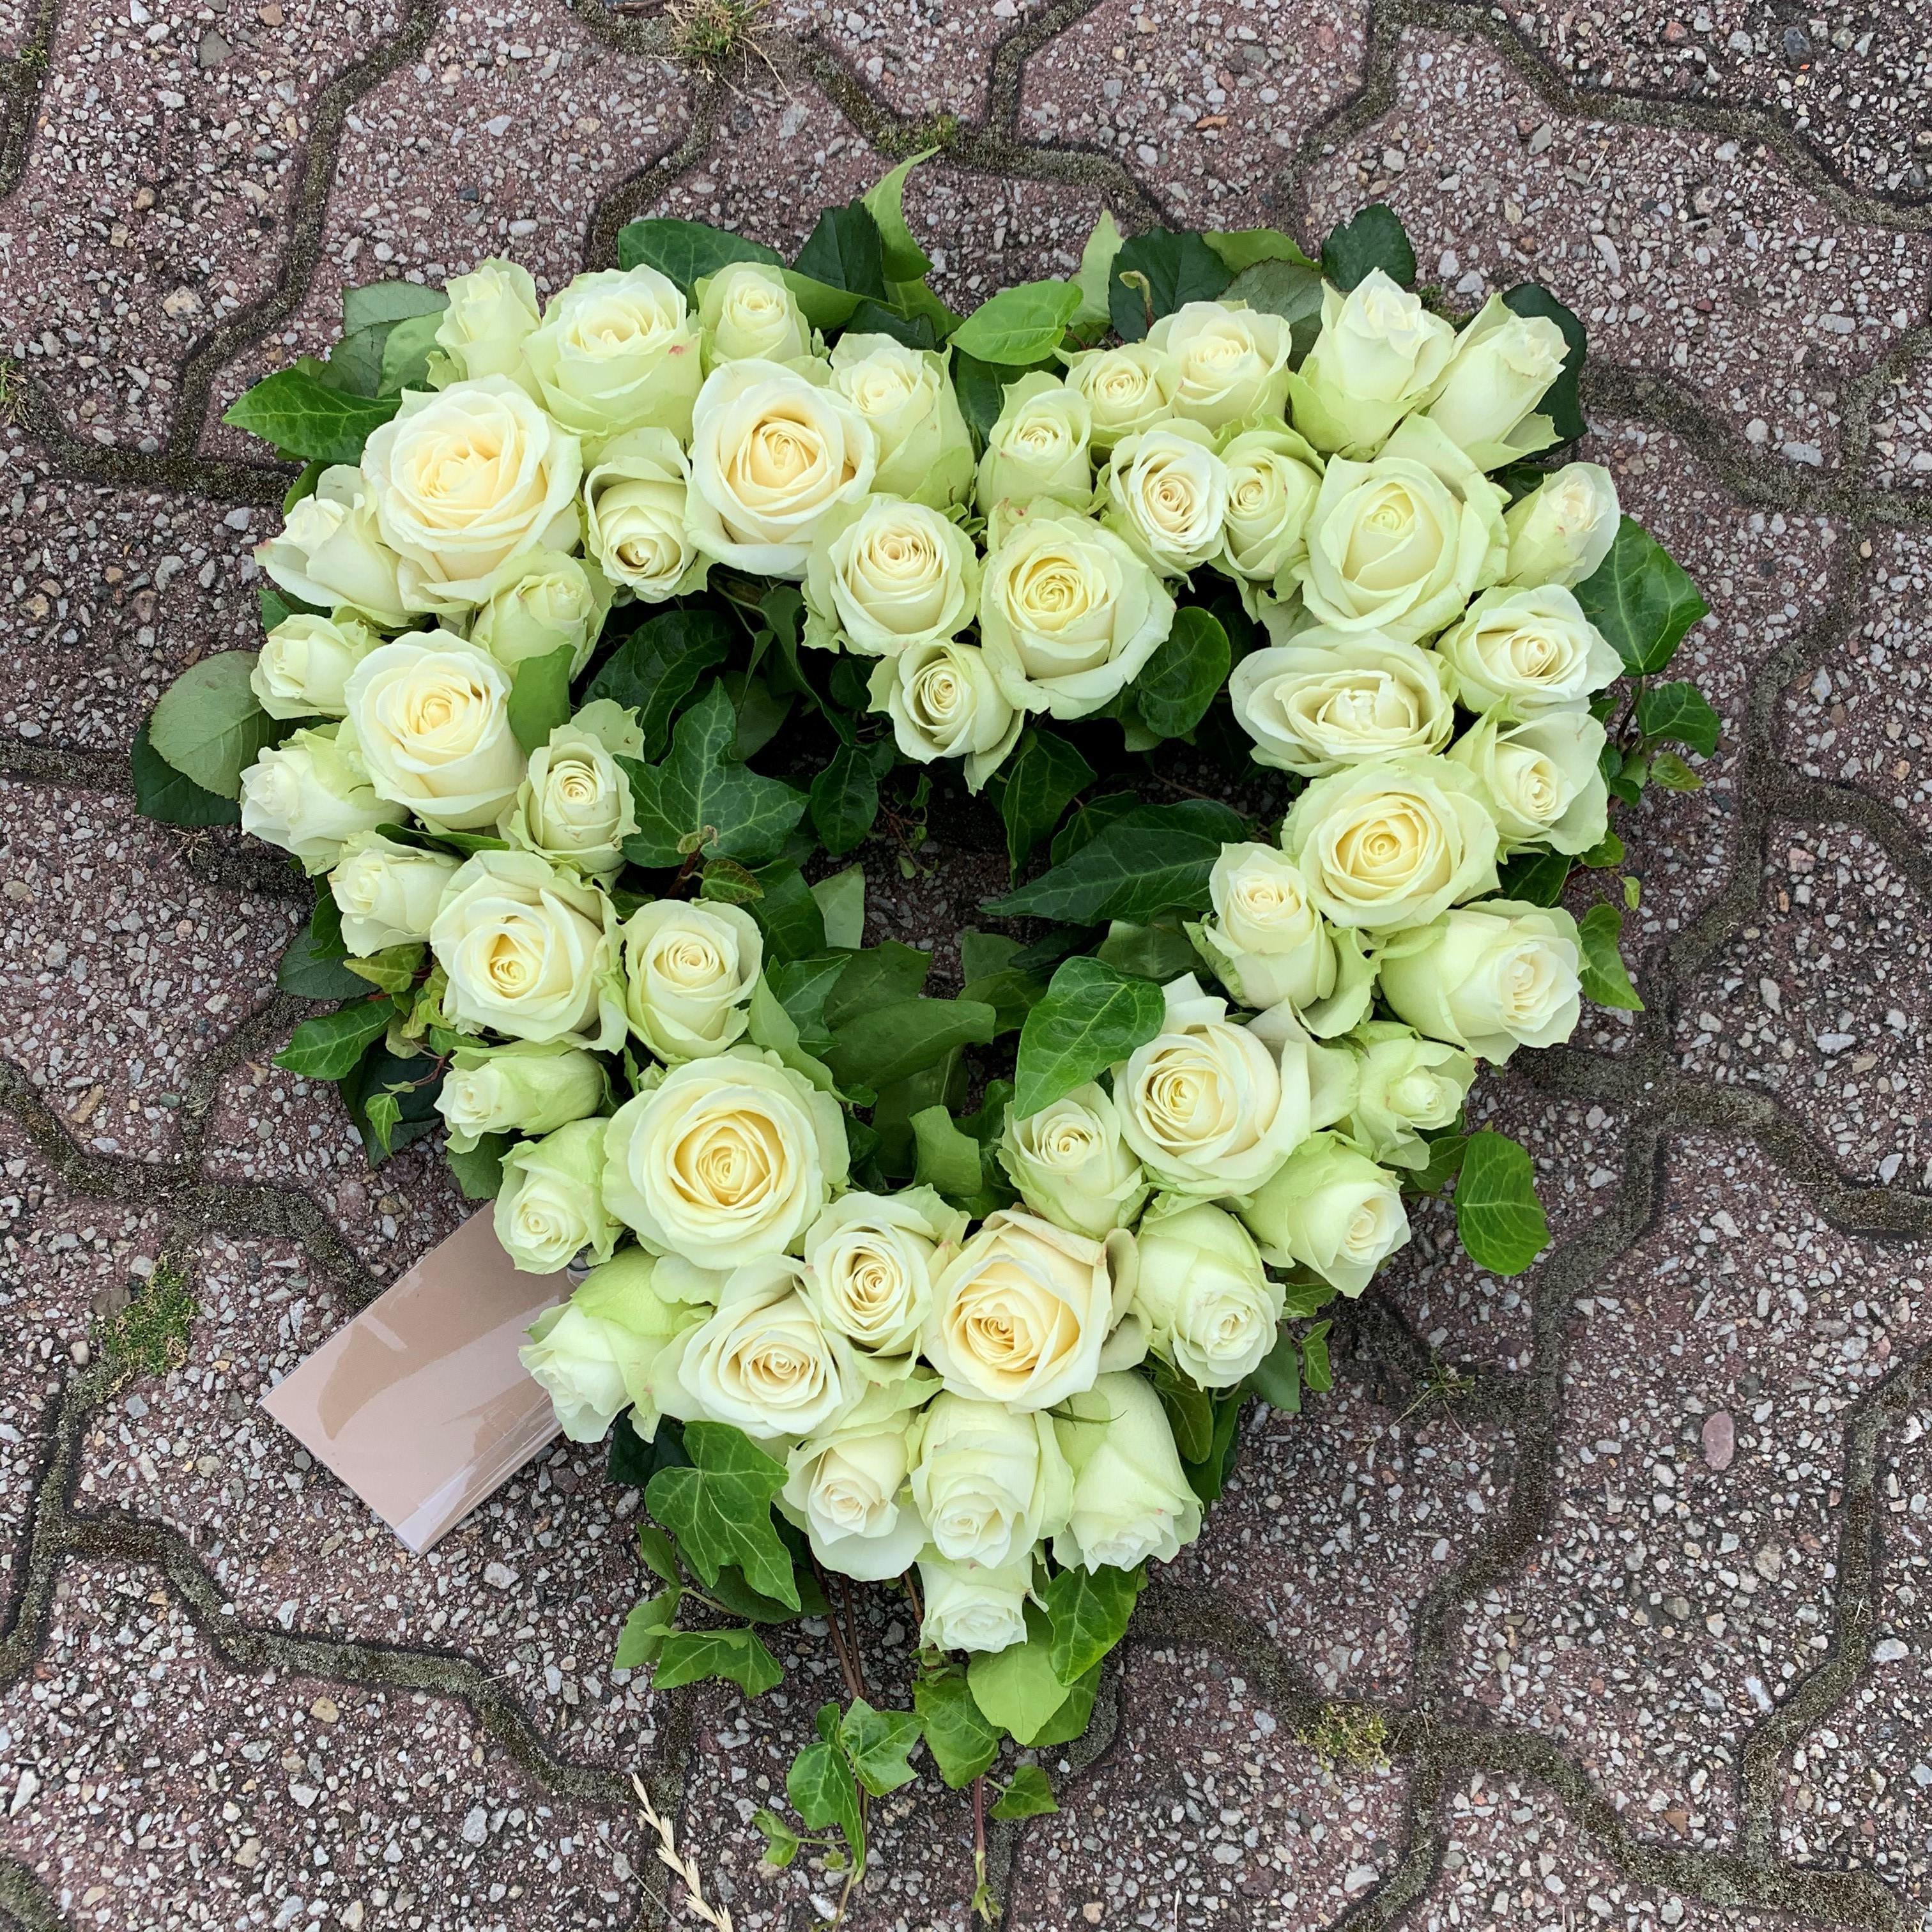 Oasishjärta - Ihåligt - Vita rosor